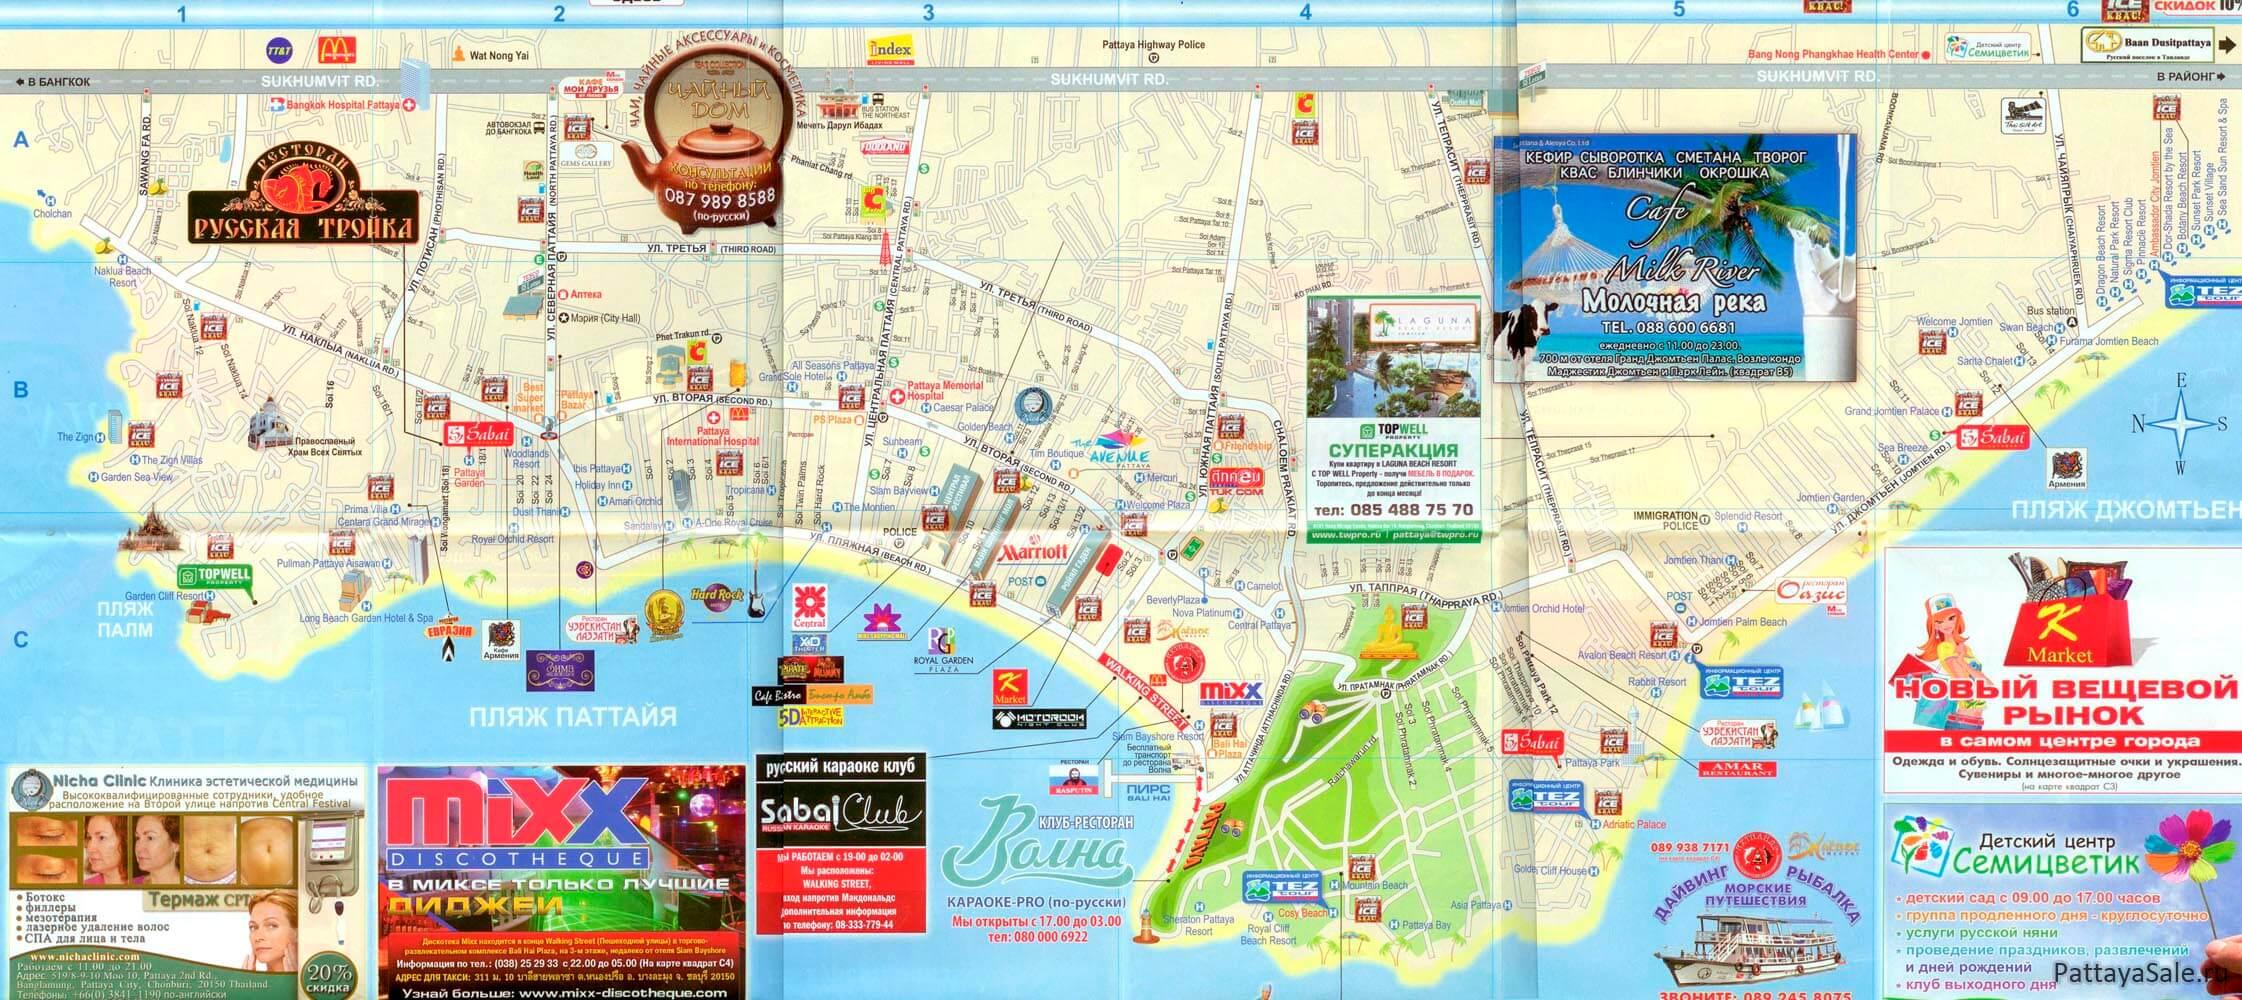 Карта Паттайи №11